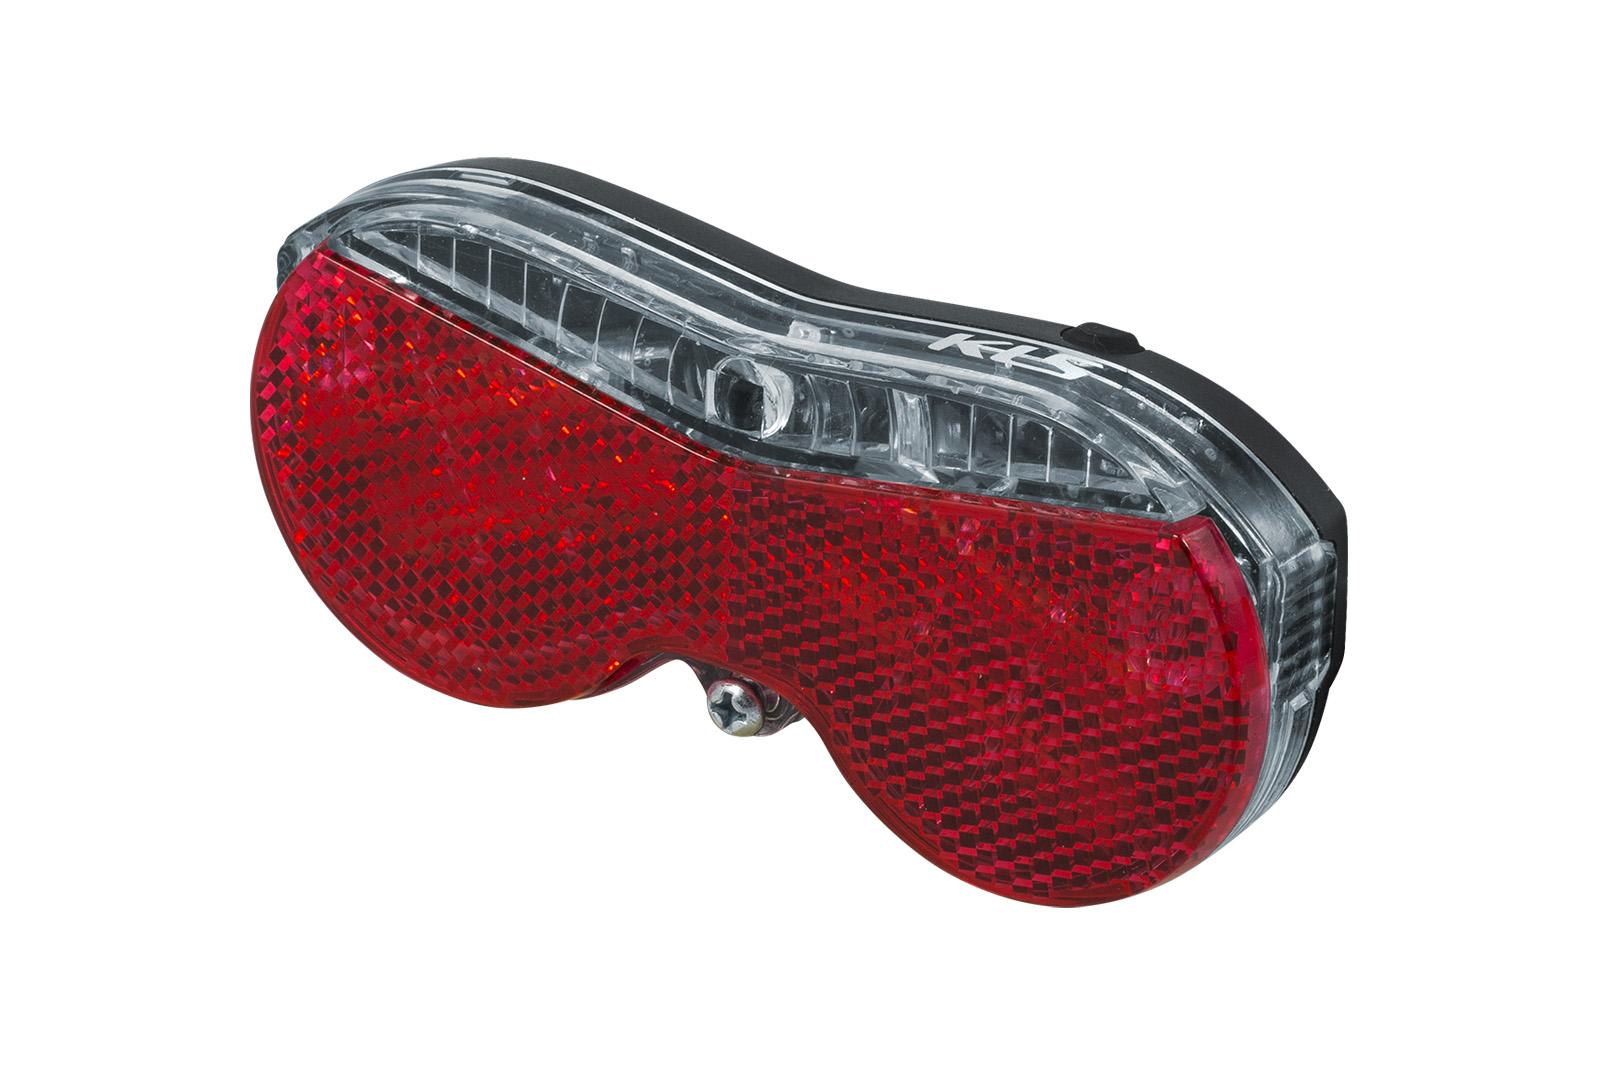 Světlo pro zadní nosič KLS RACKOON (Světlo pro zadní nosič KLS RACKOON)